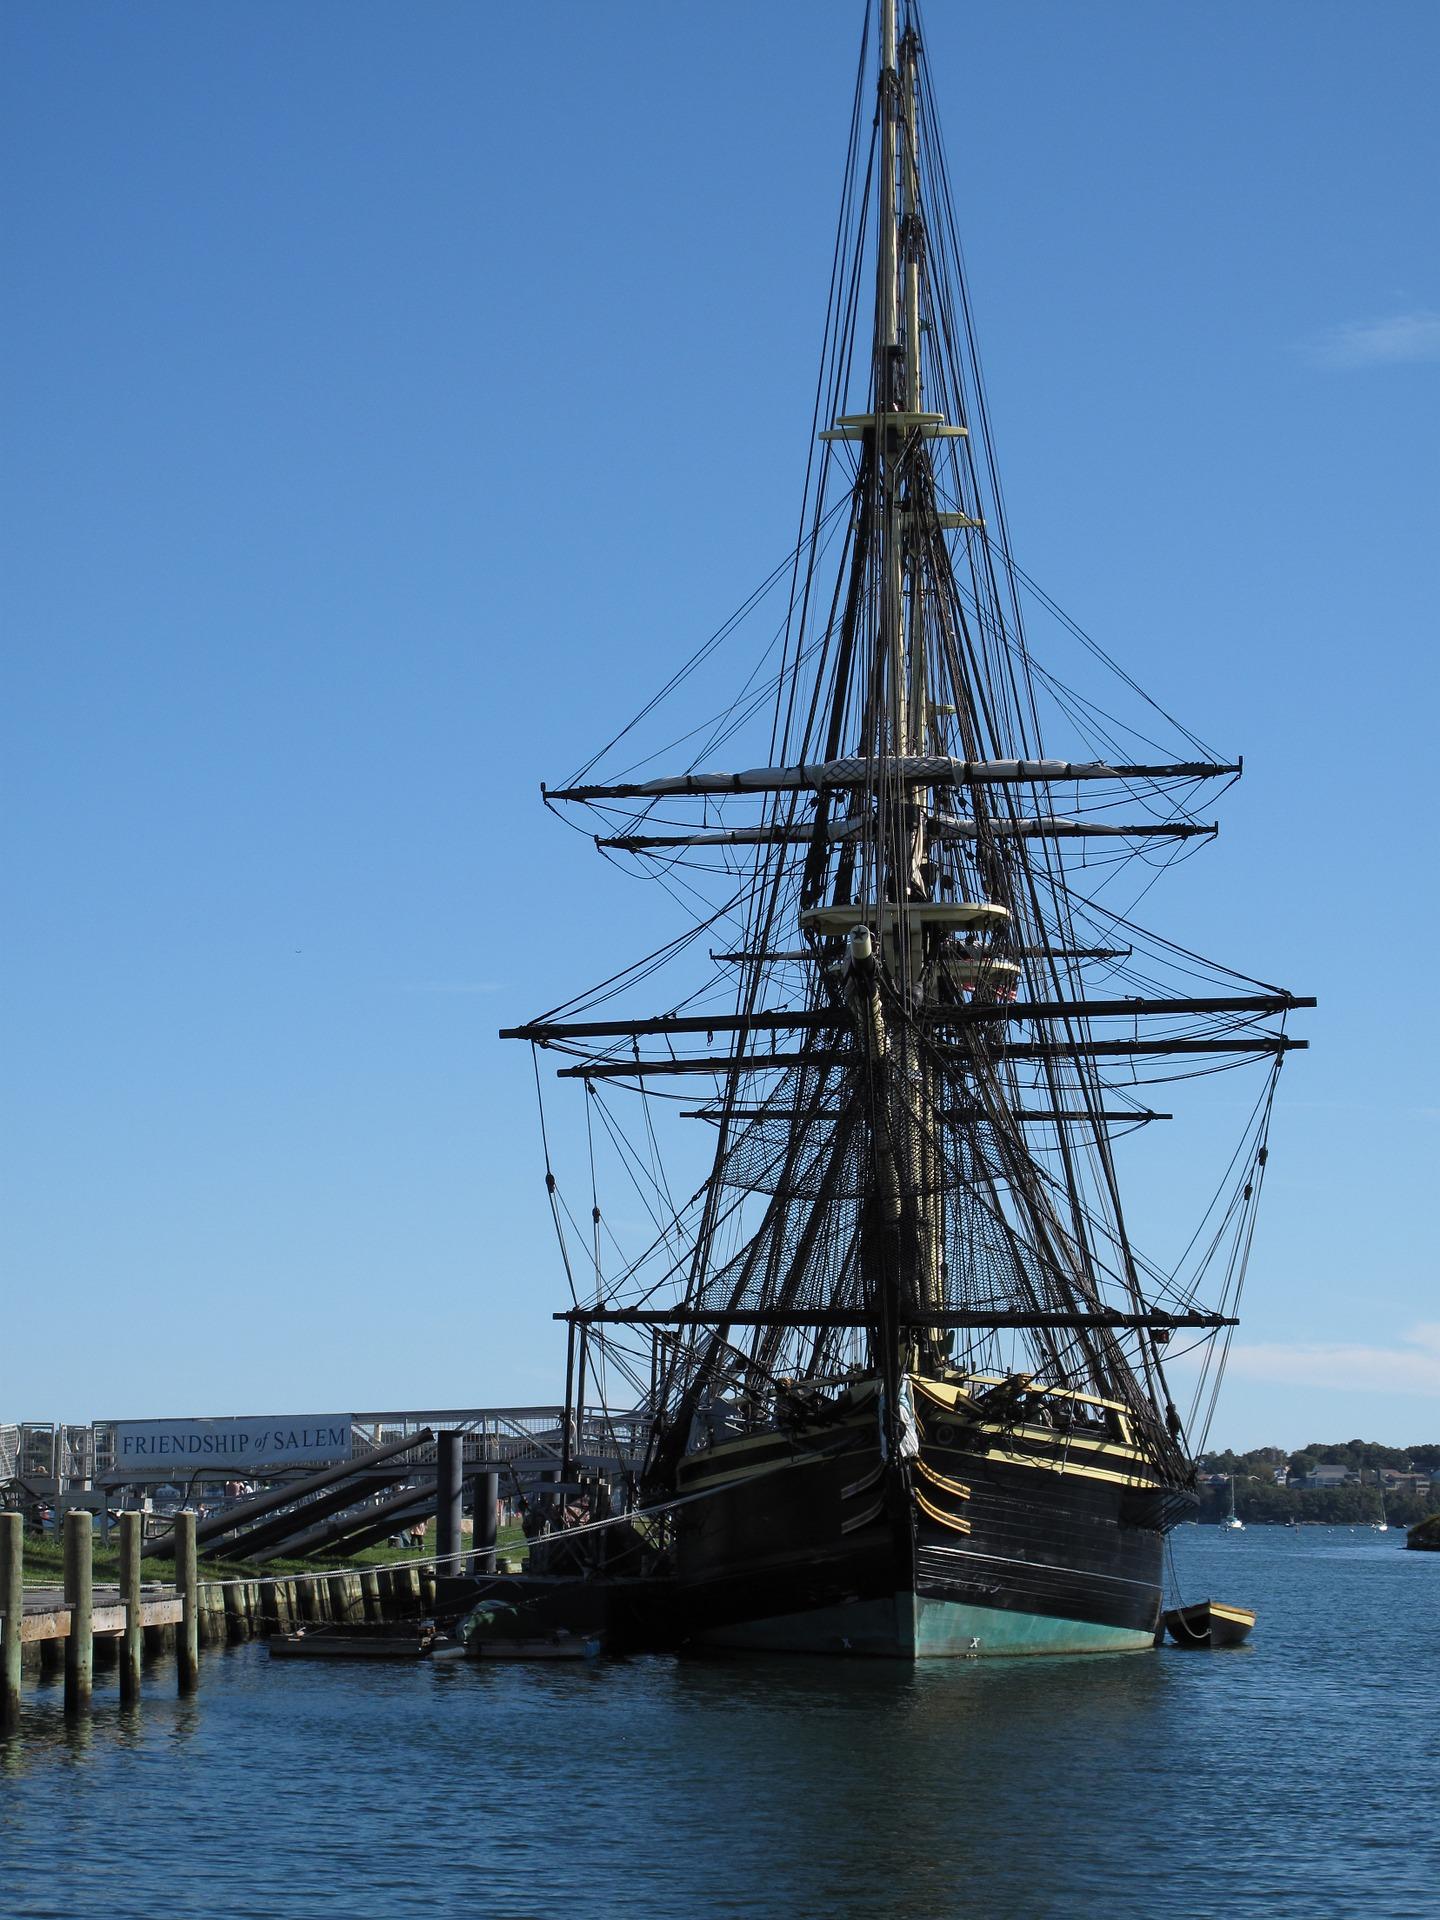 Ship in Salem, Massachusetts